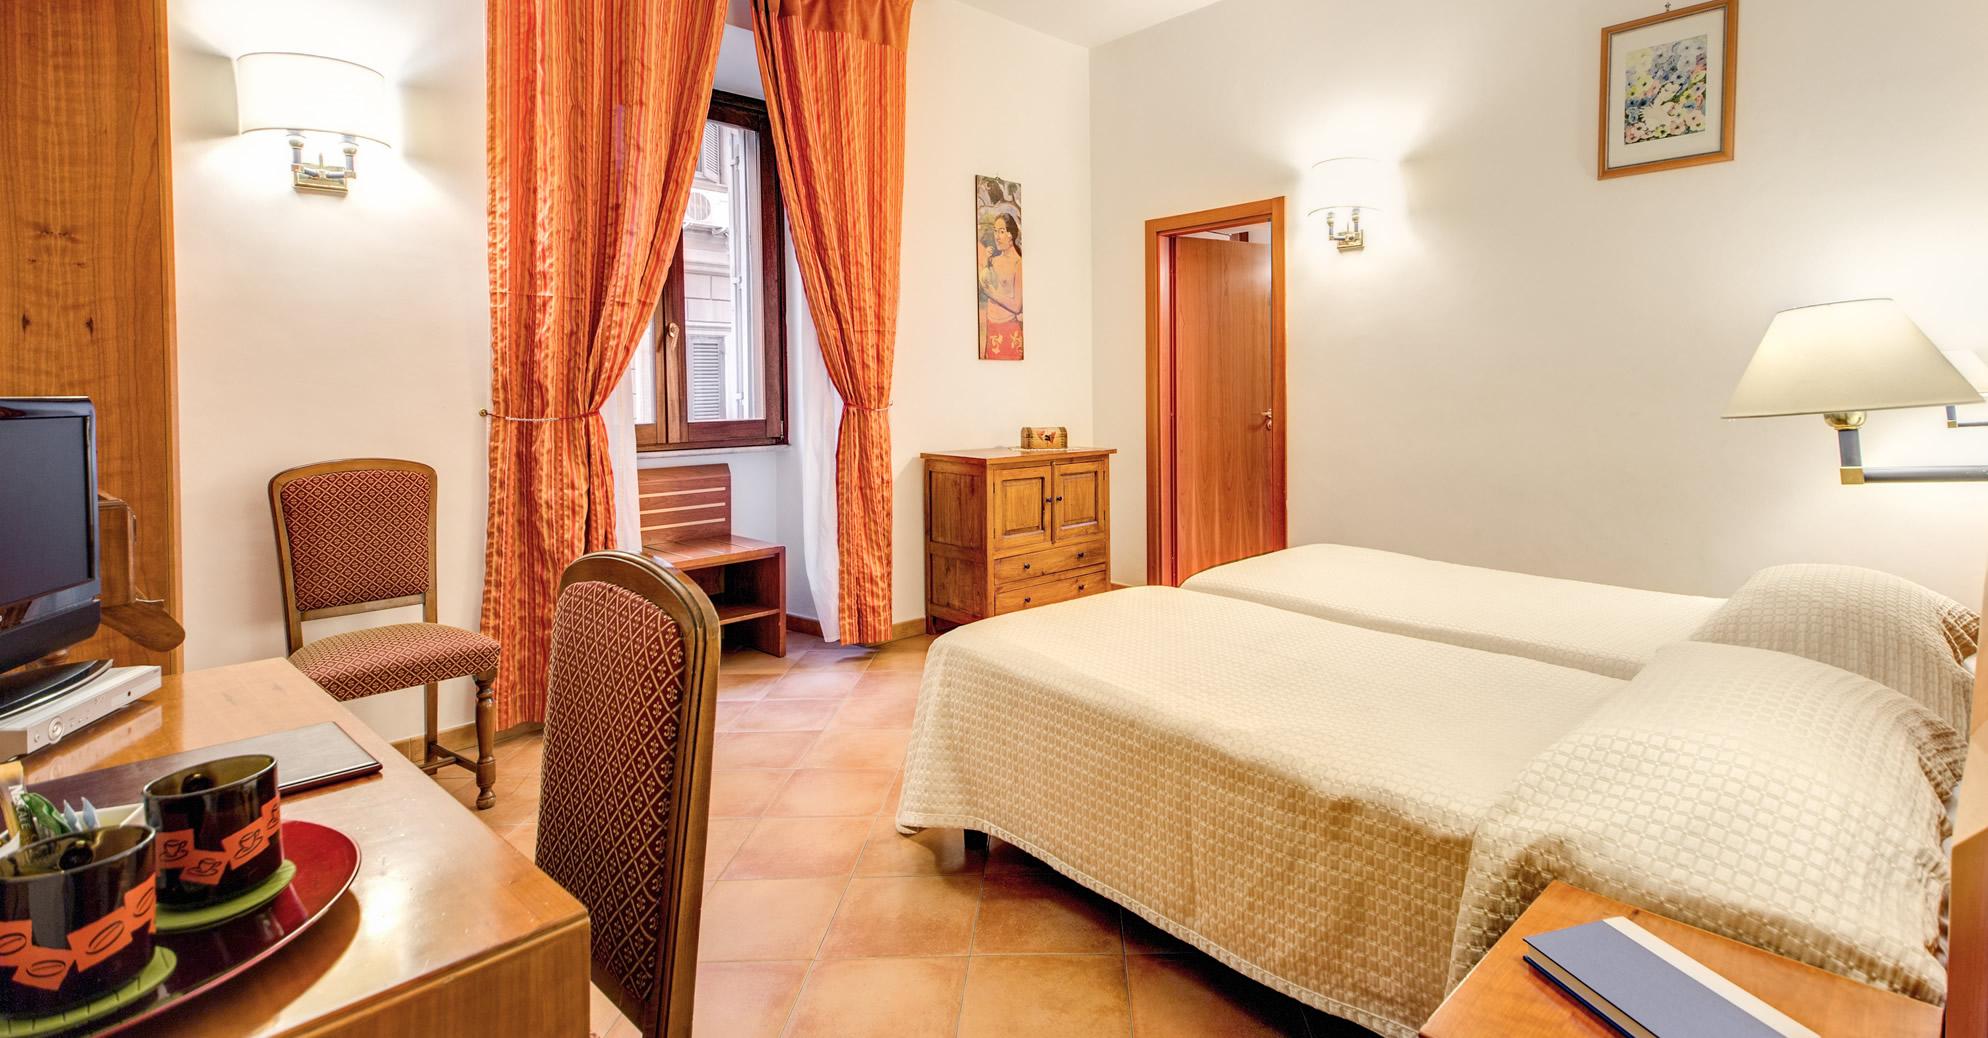 Hotel Gea Di Vulcano Rome Official Site Hotel In The Centre Of Rome